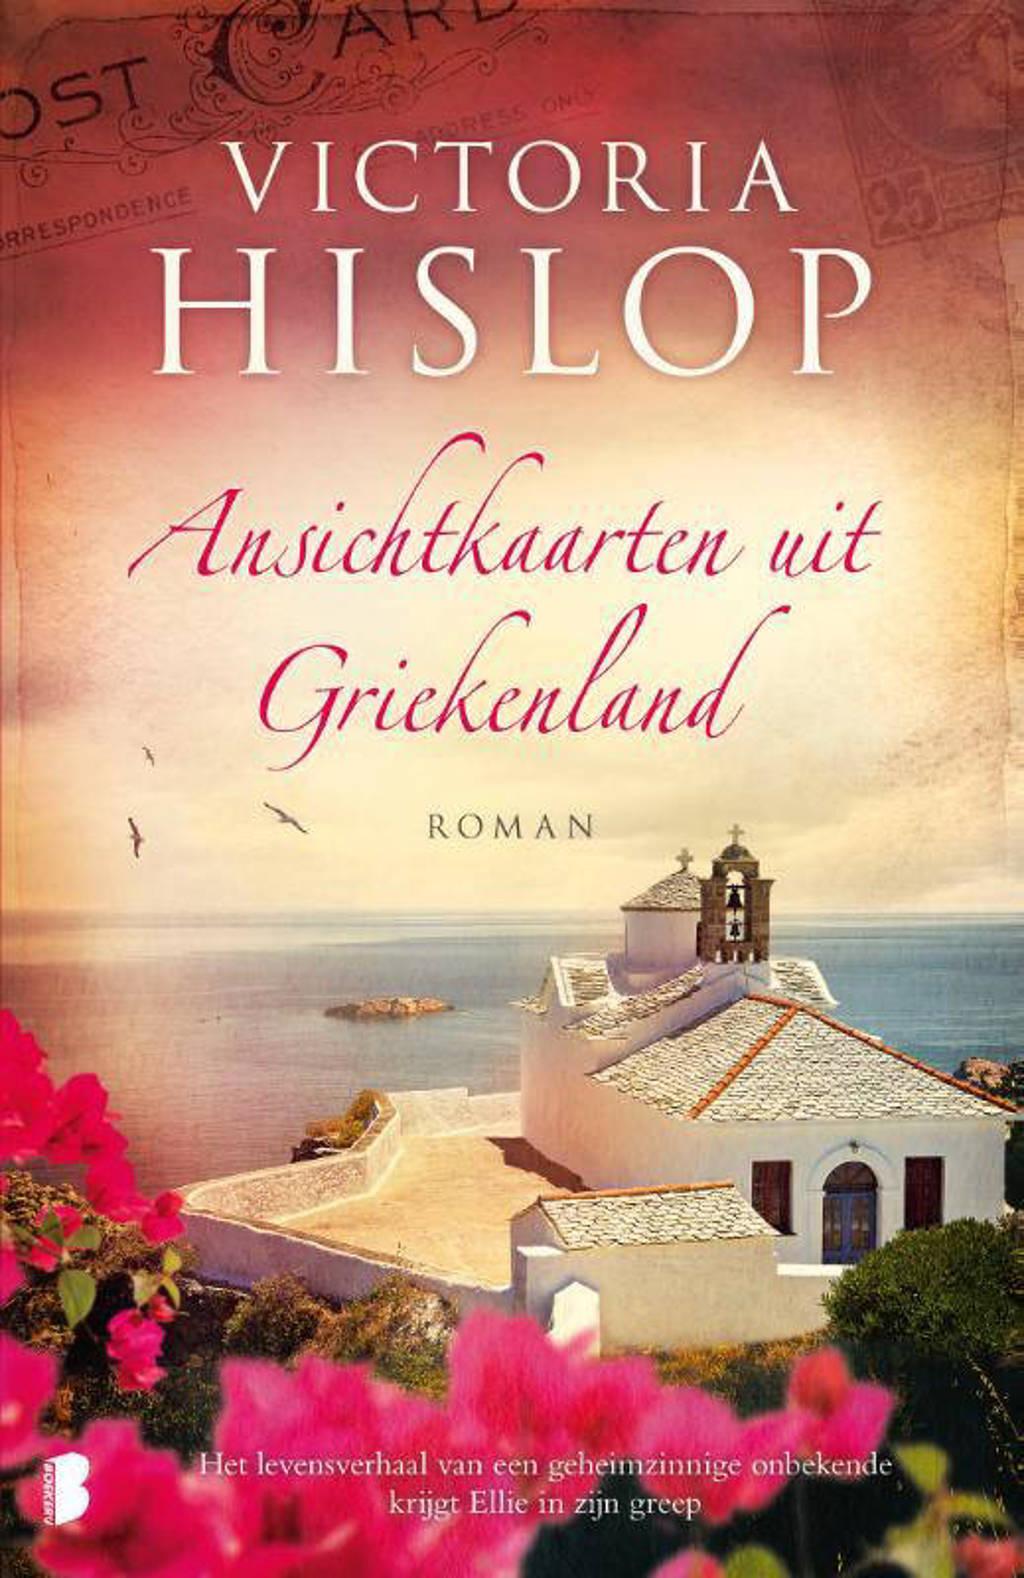 Ansichtkaarten uit Griekenland - Victoria Hislop